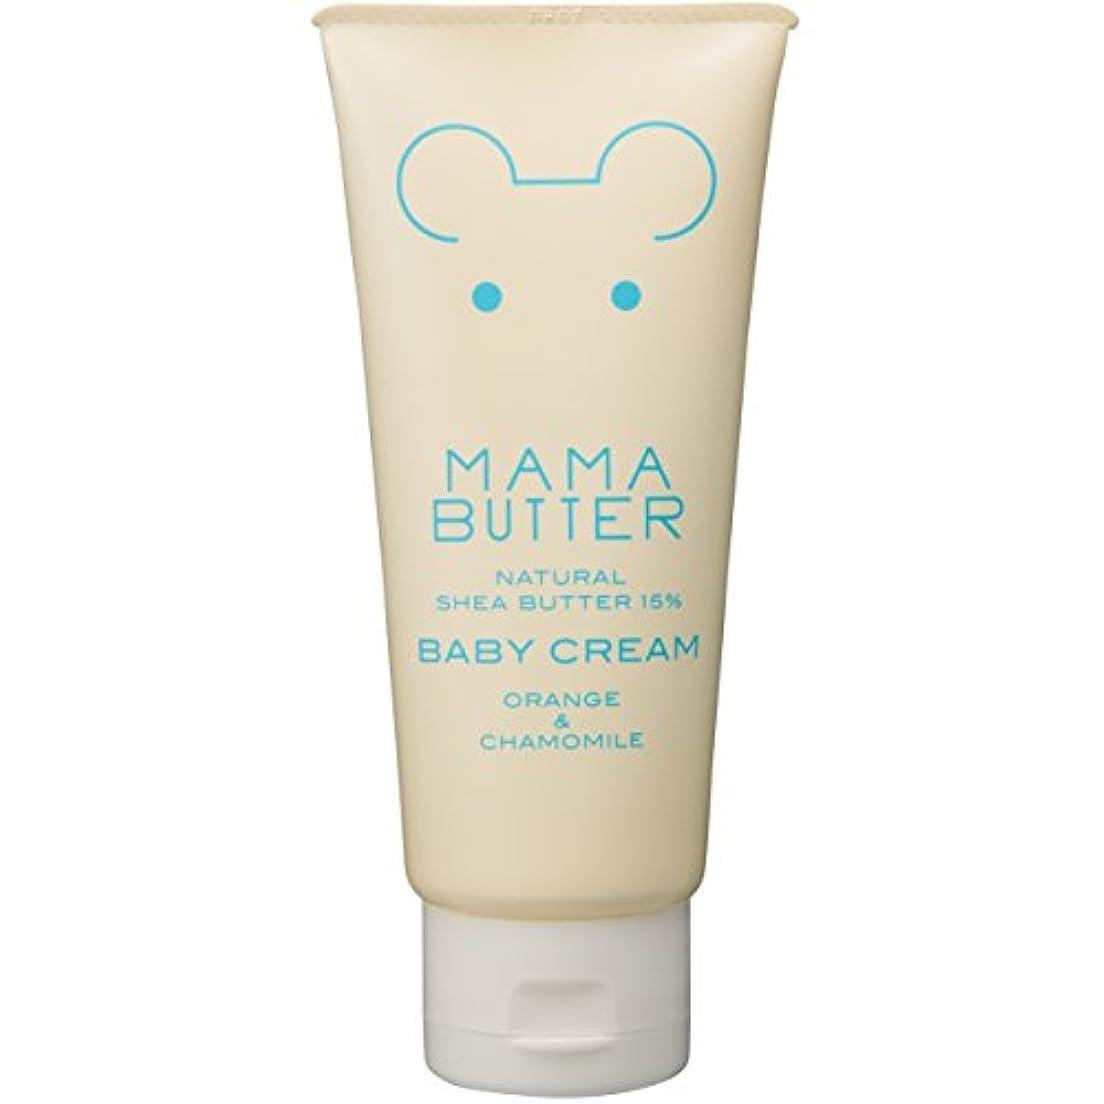 概念政令バラバラにするママバター ベビークリーム 天然 オレンジ&カモミールの香り 130g